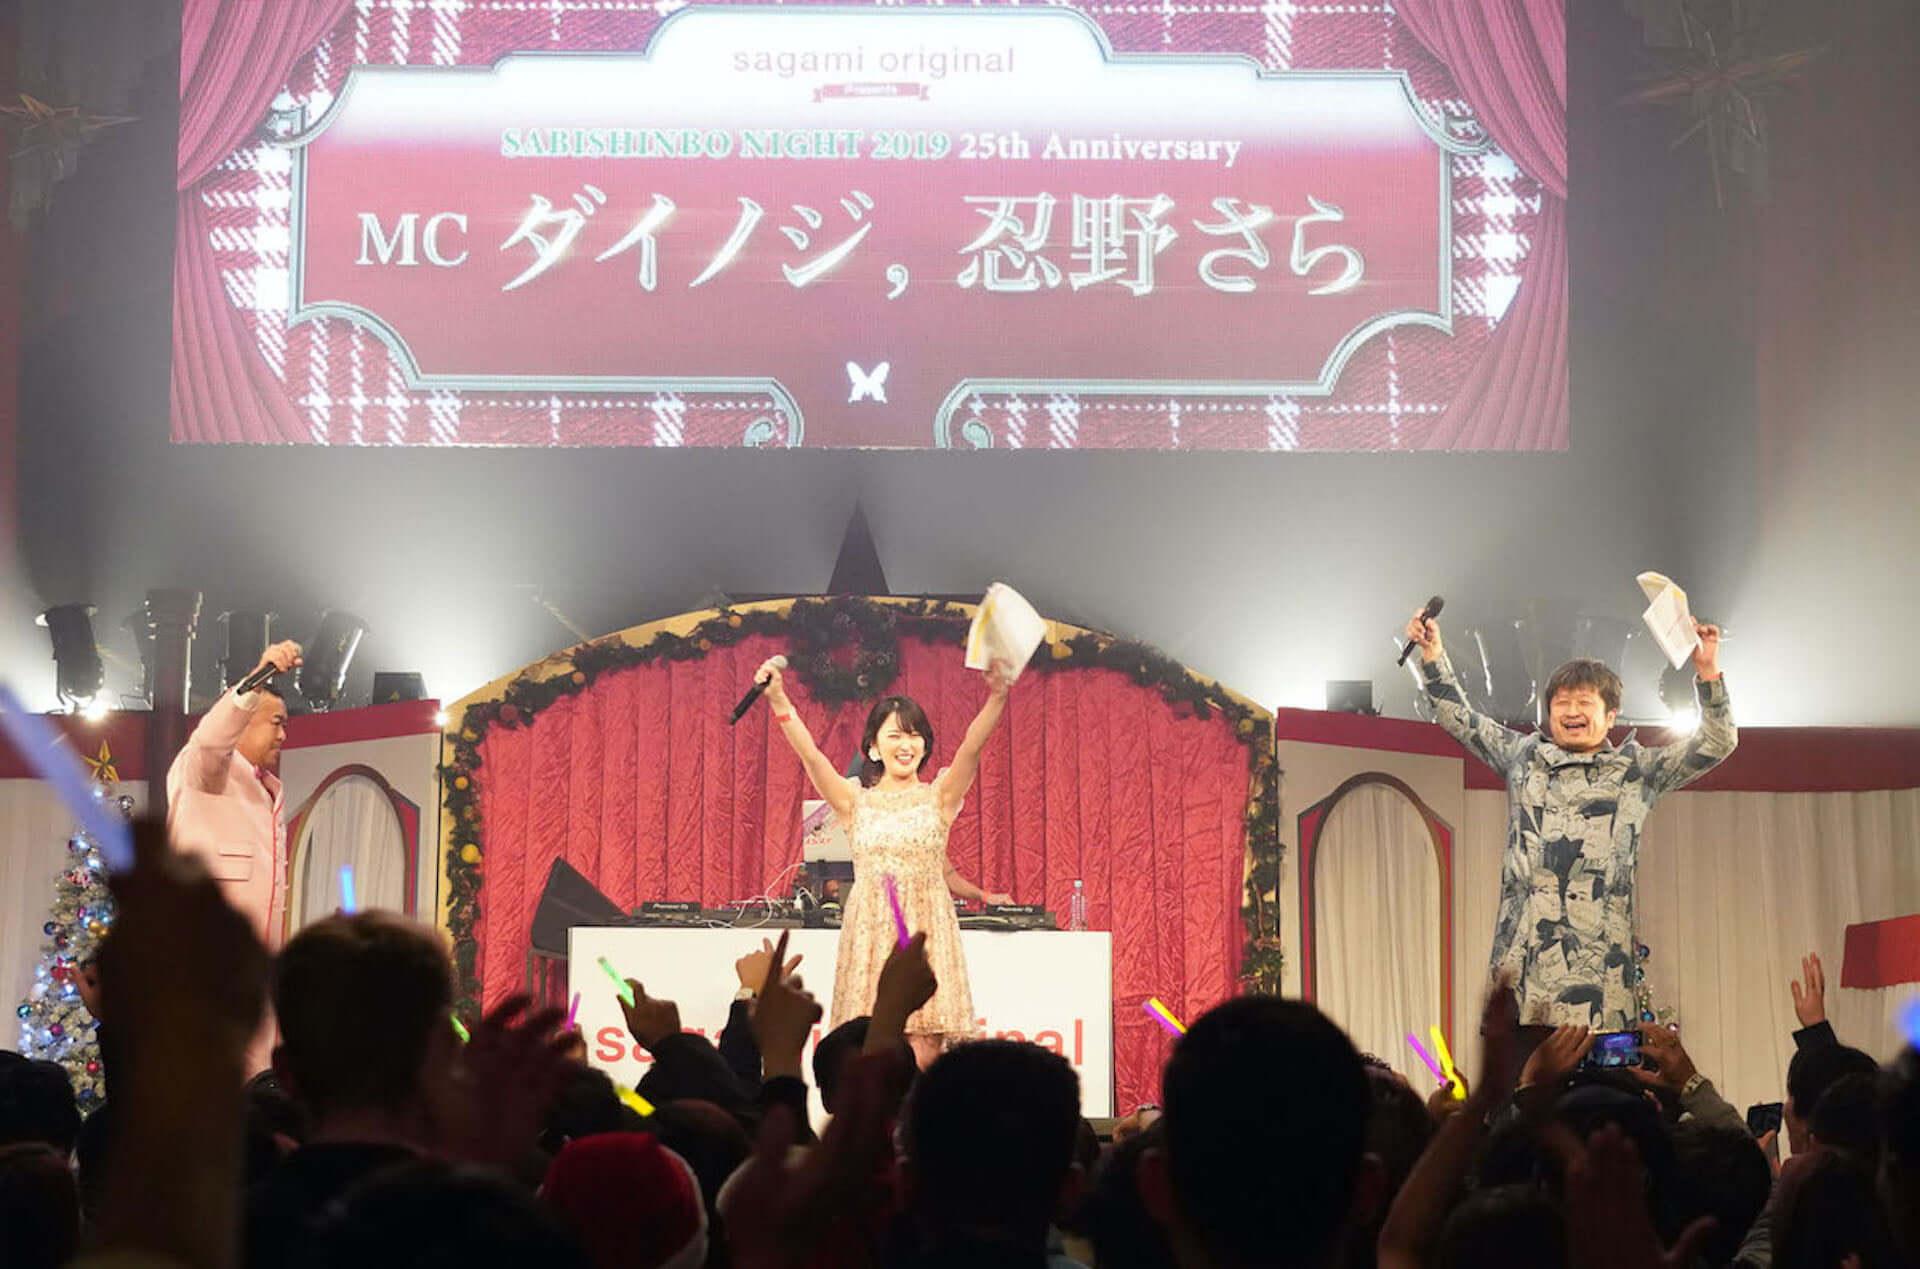 3,000人が出会う一夜!りんごちゃん、t-Ace等々出演のsagami original presents<SABISHINBO NIGHT 2019>25周年目のイベントレポート music191224_sabishinbo2019after_5-1920x1269